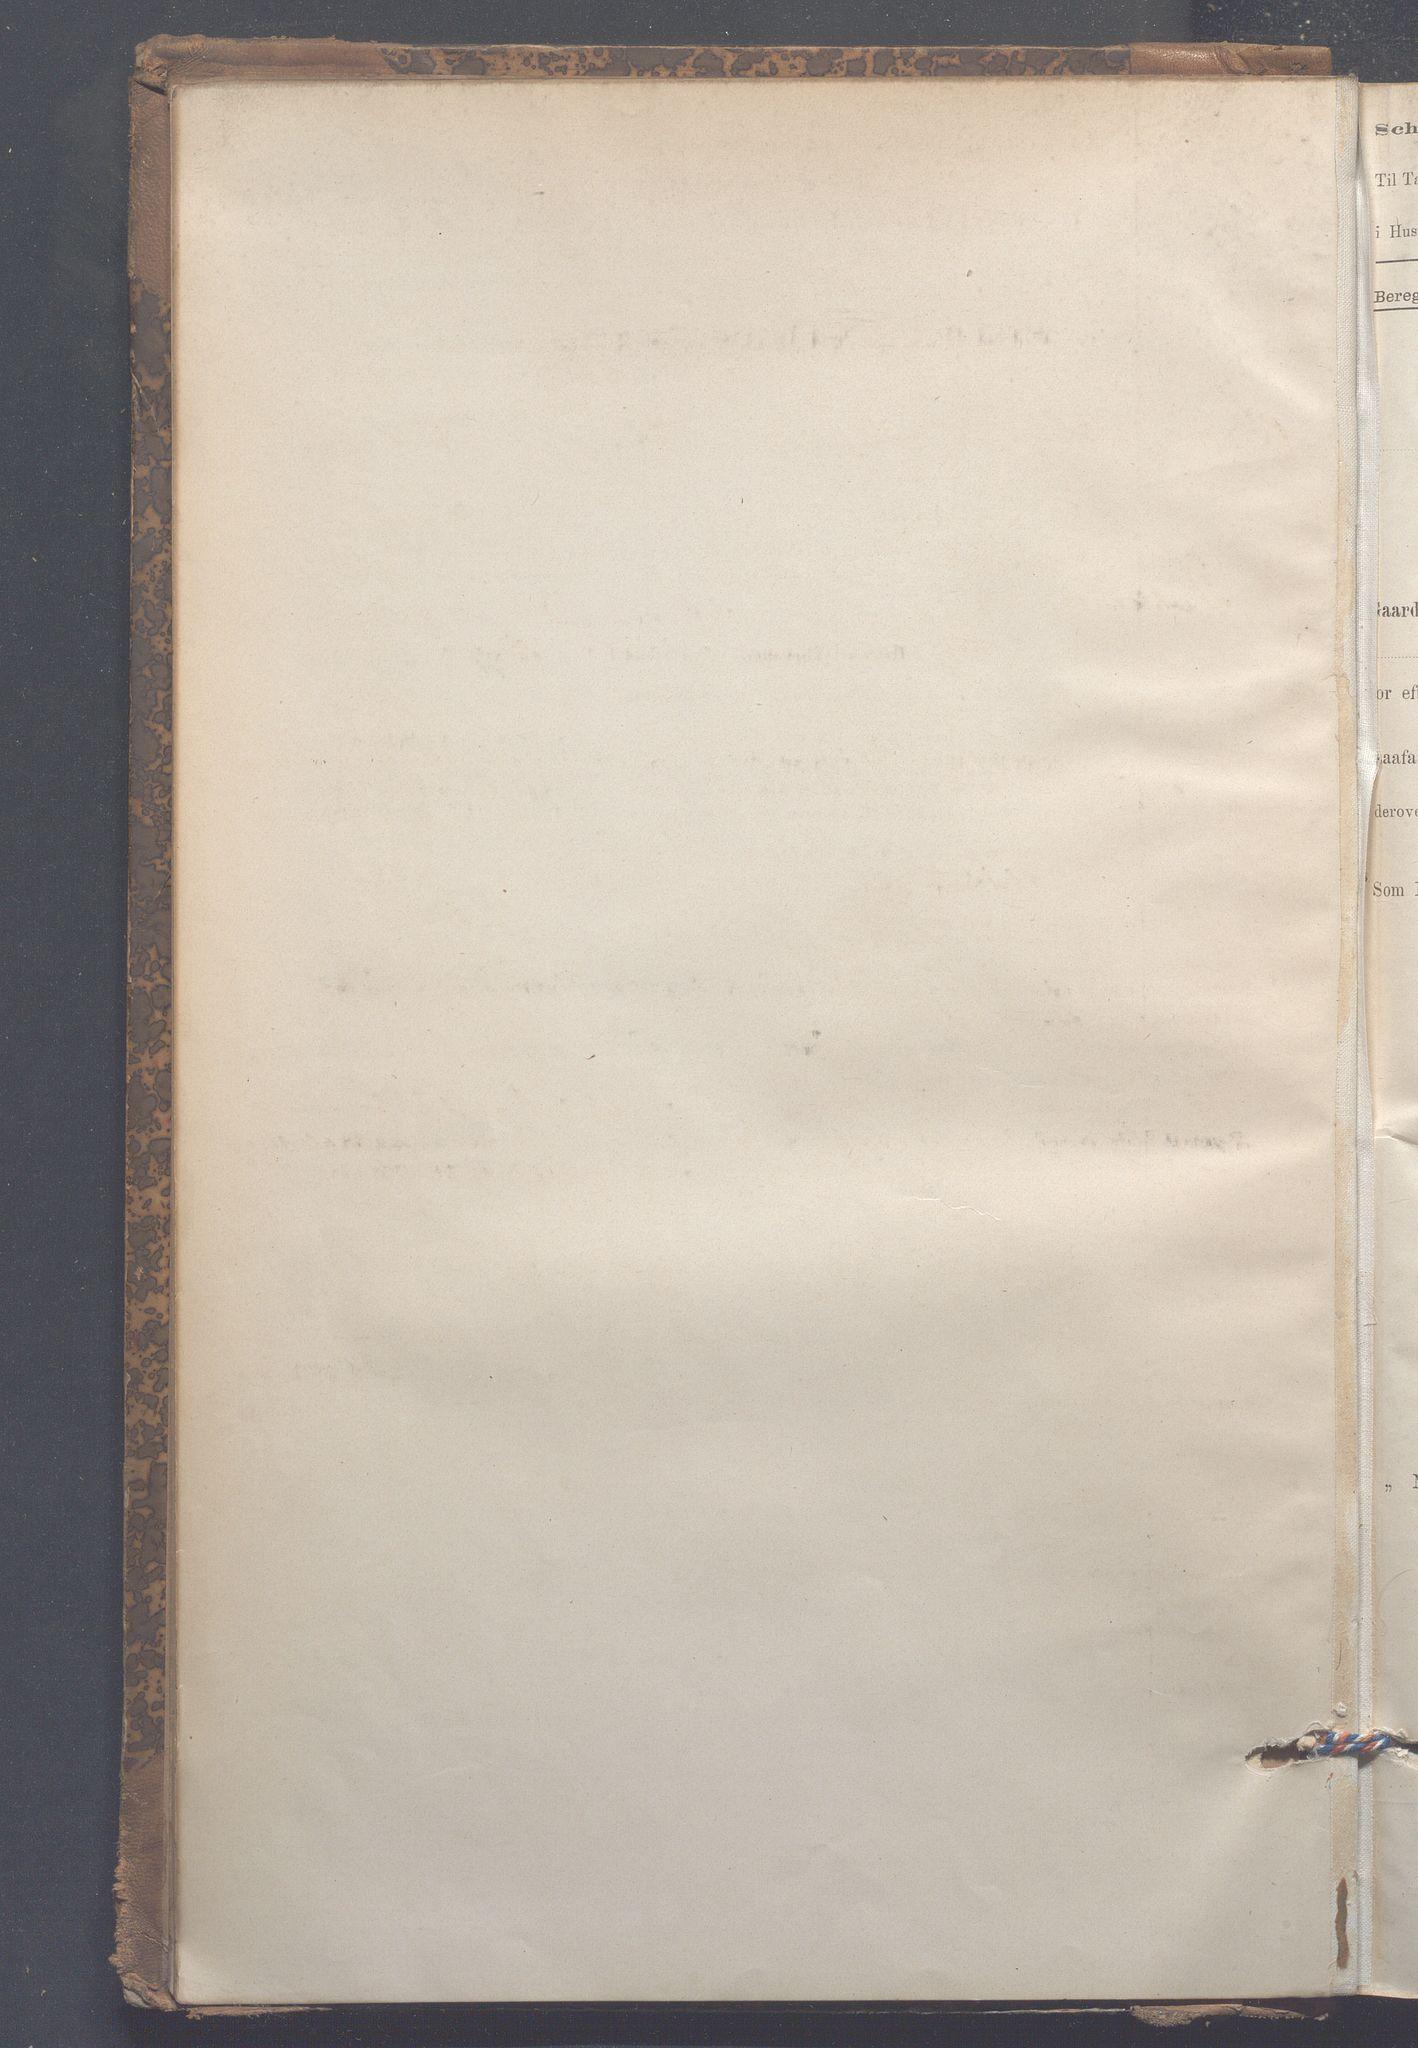 OBA, Lensmennene i Aker, F/Fc/L0007: Branntakstprotokoll, 1895-1910